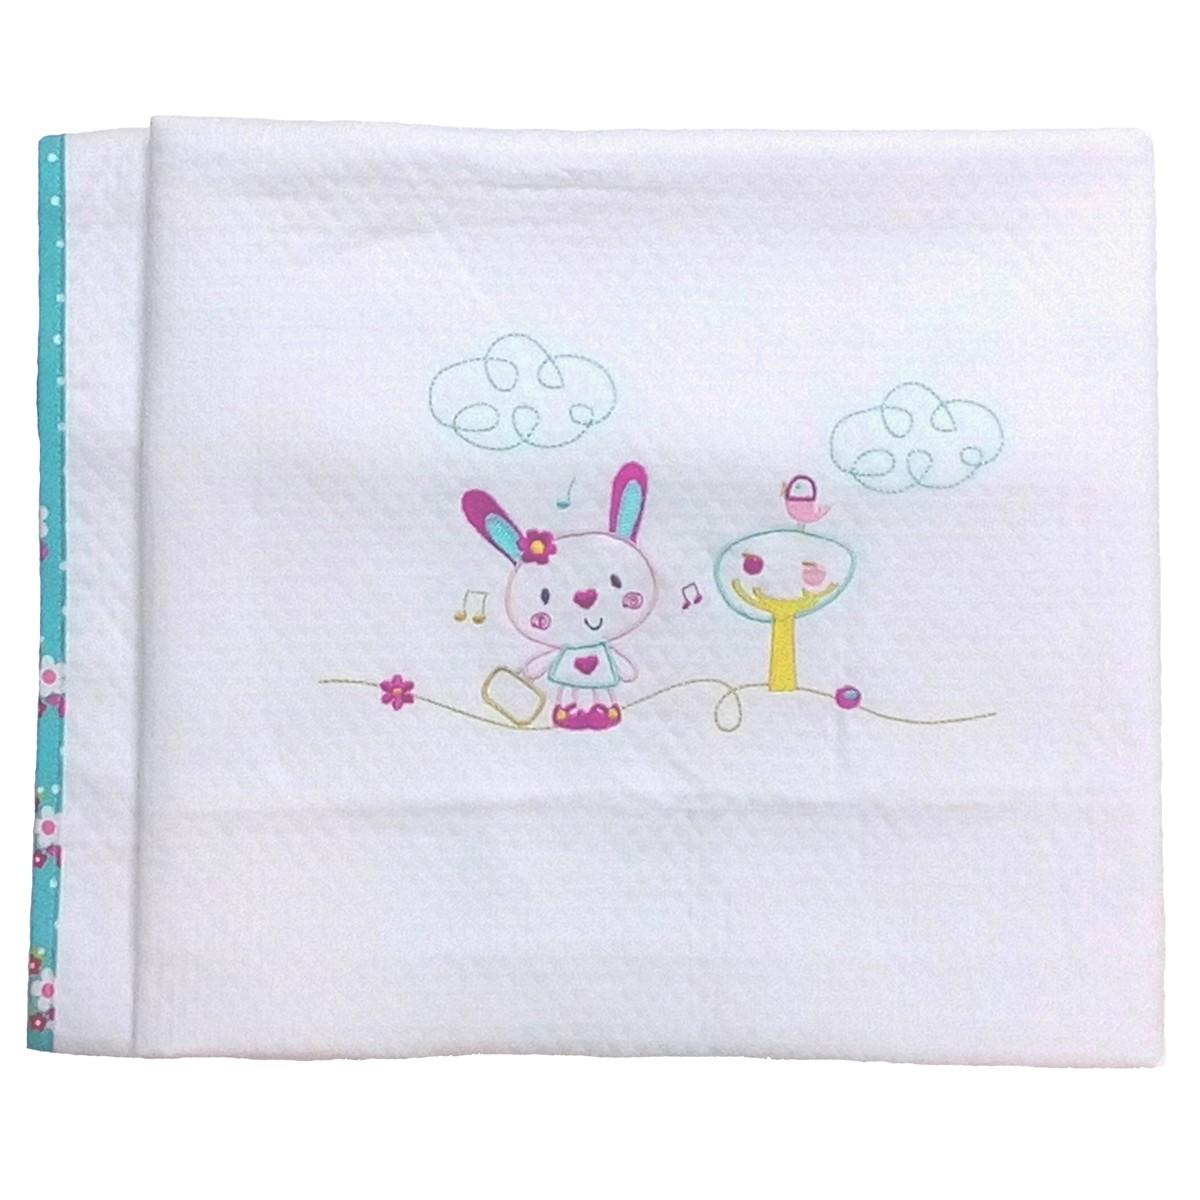 Κουβέρτα Ματλασέ Κούνιας Κόσμος Του Μωρού Rabbit 0351 74501